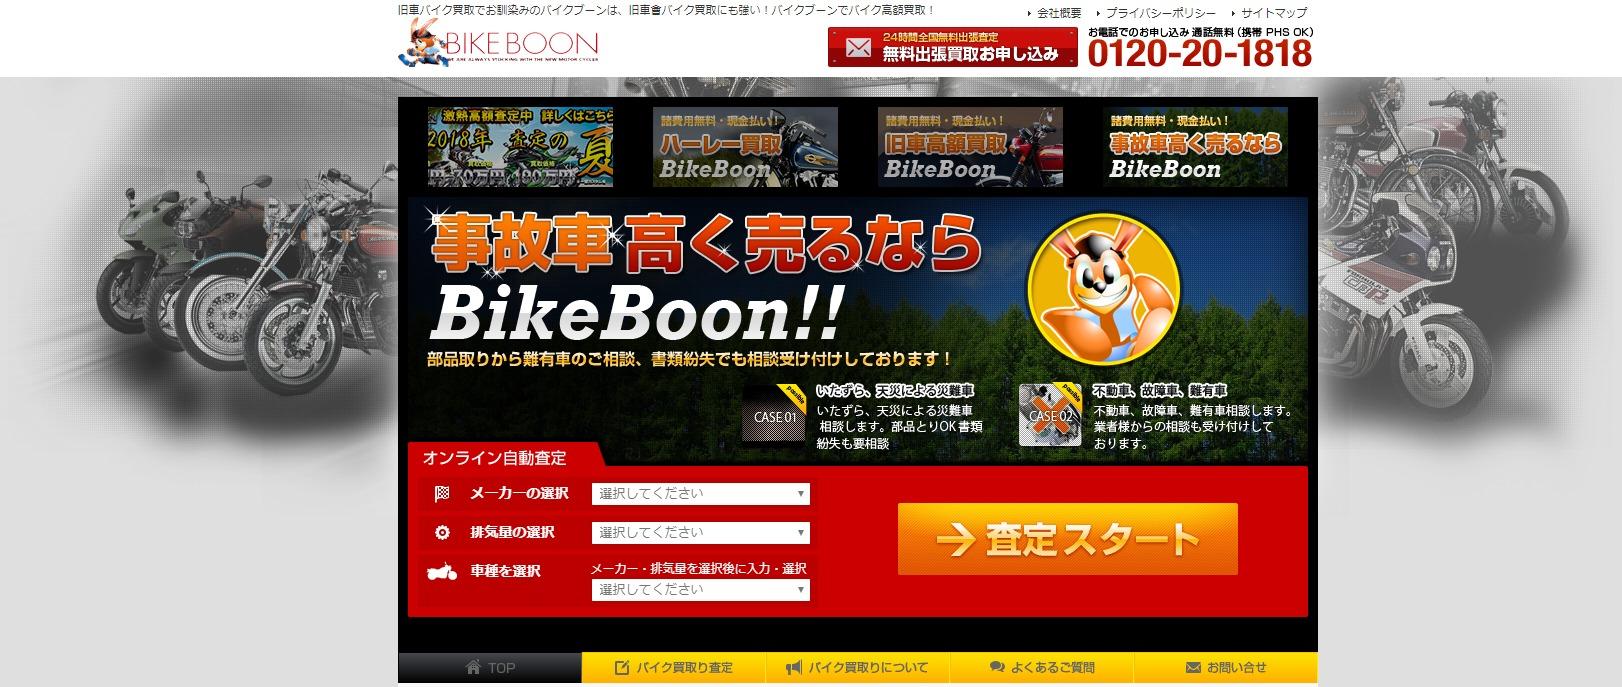 バイクブーン 公式ホームページ